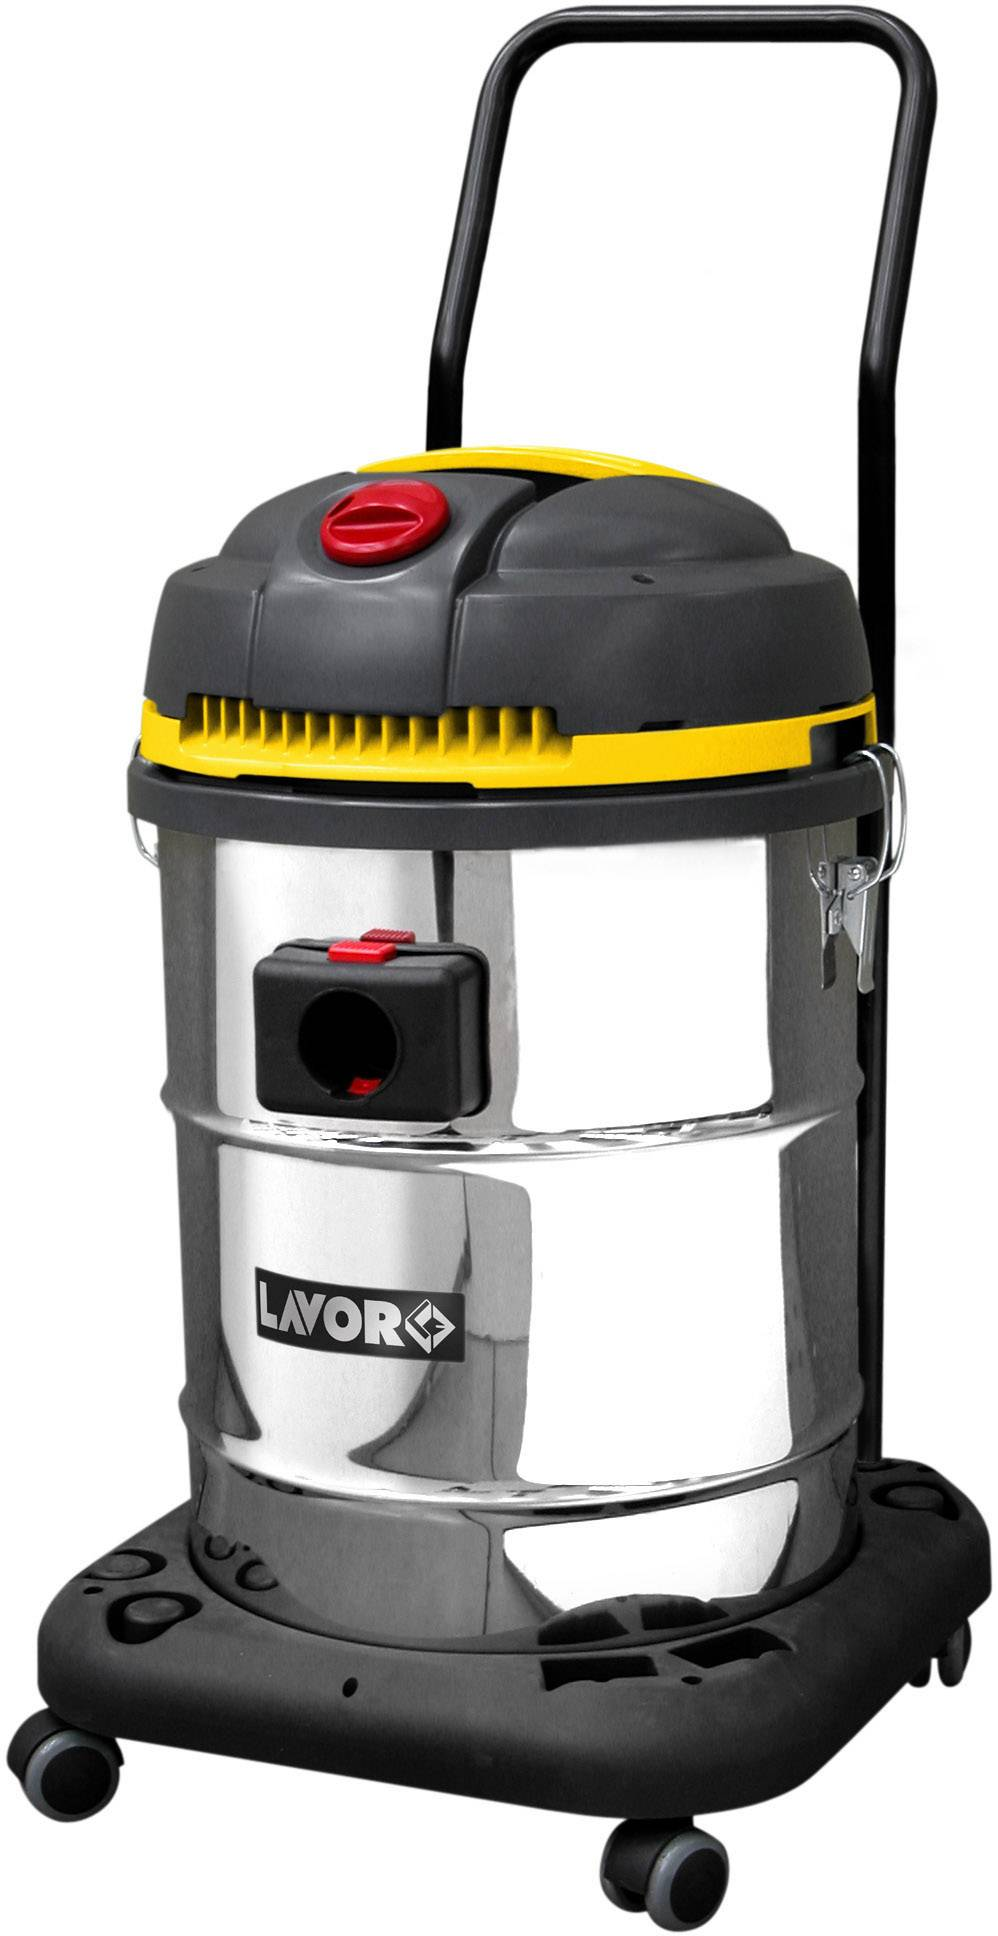 Mokrý/suchý vysavač Lavor WD 255 XE 8.239.0006, 1400 W, 55 l